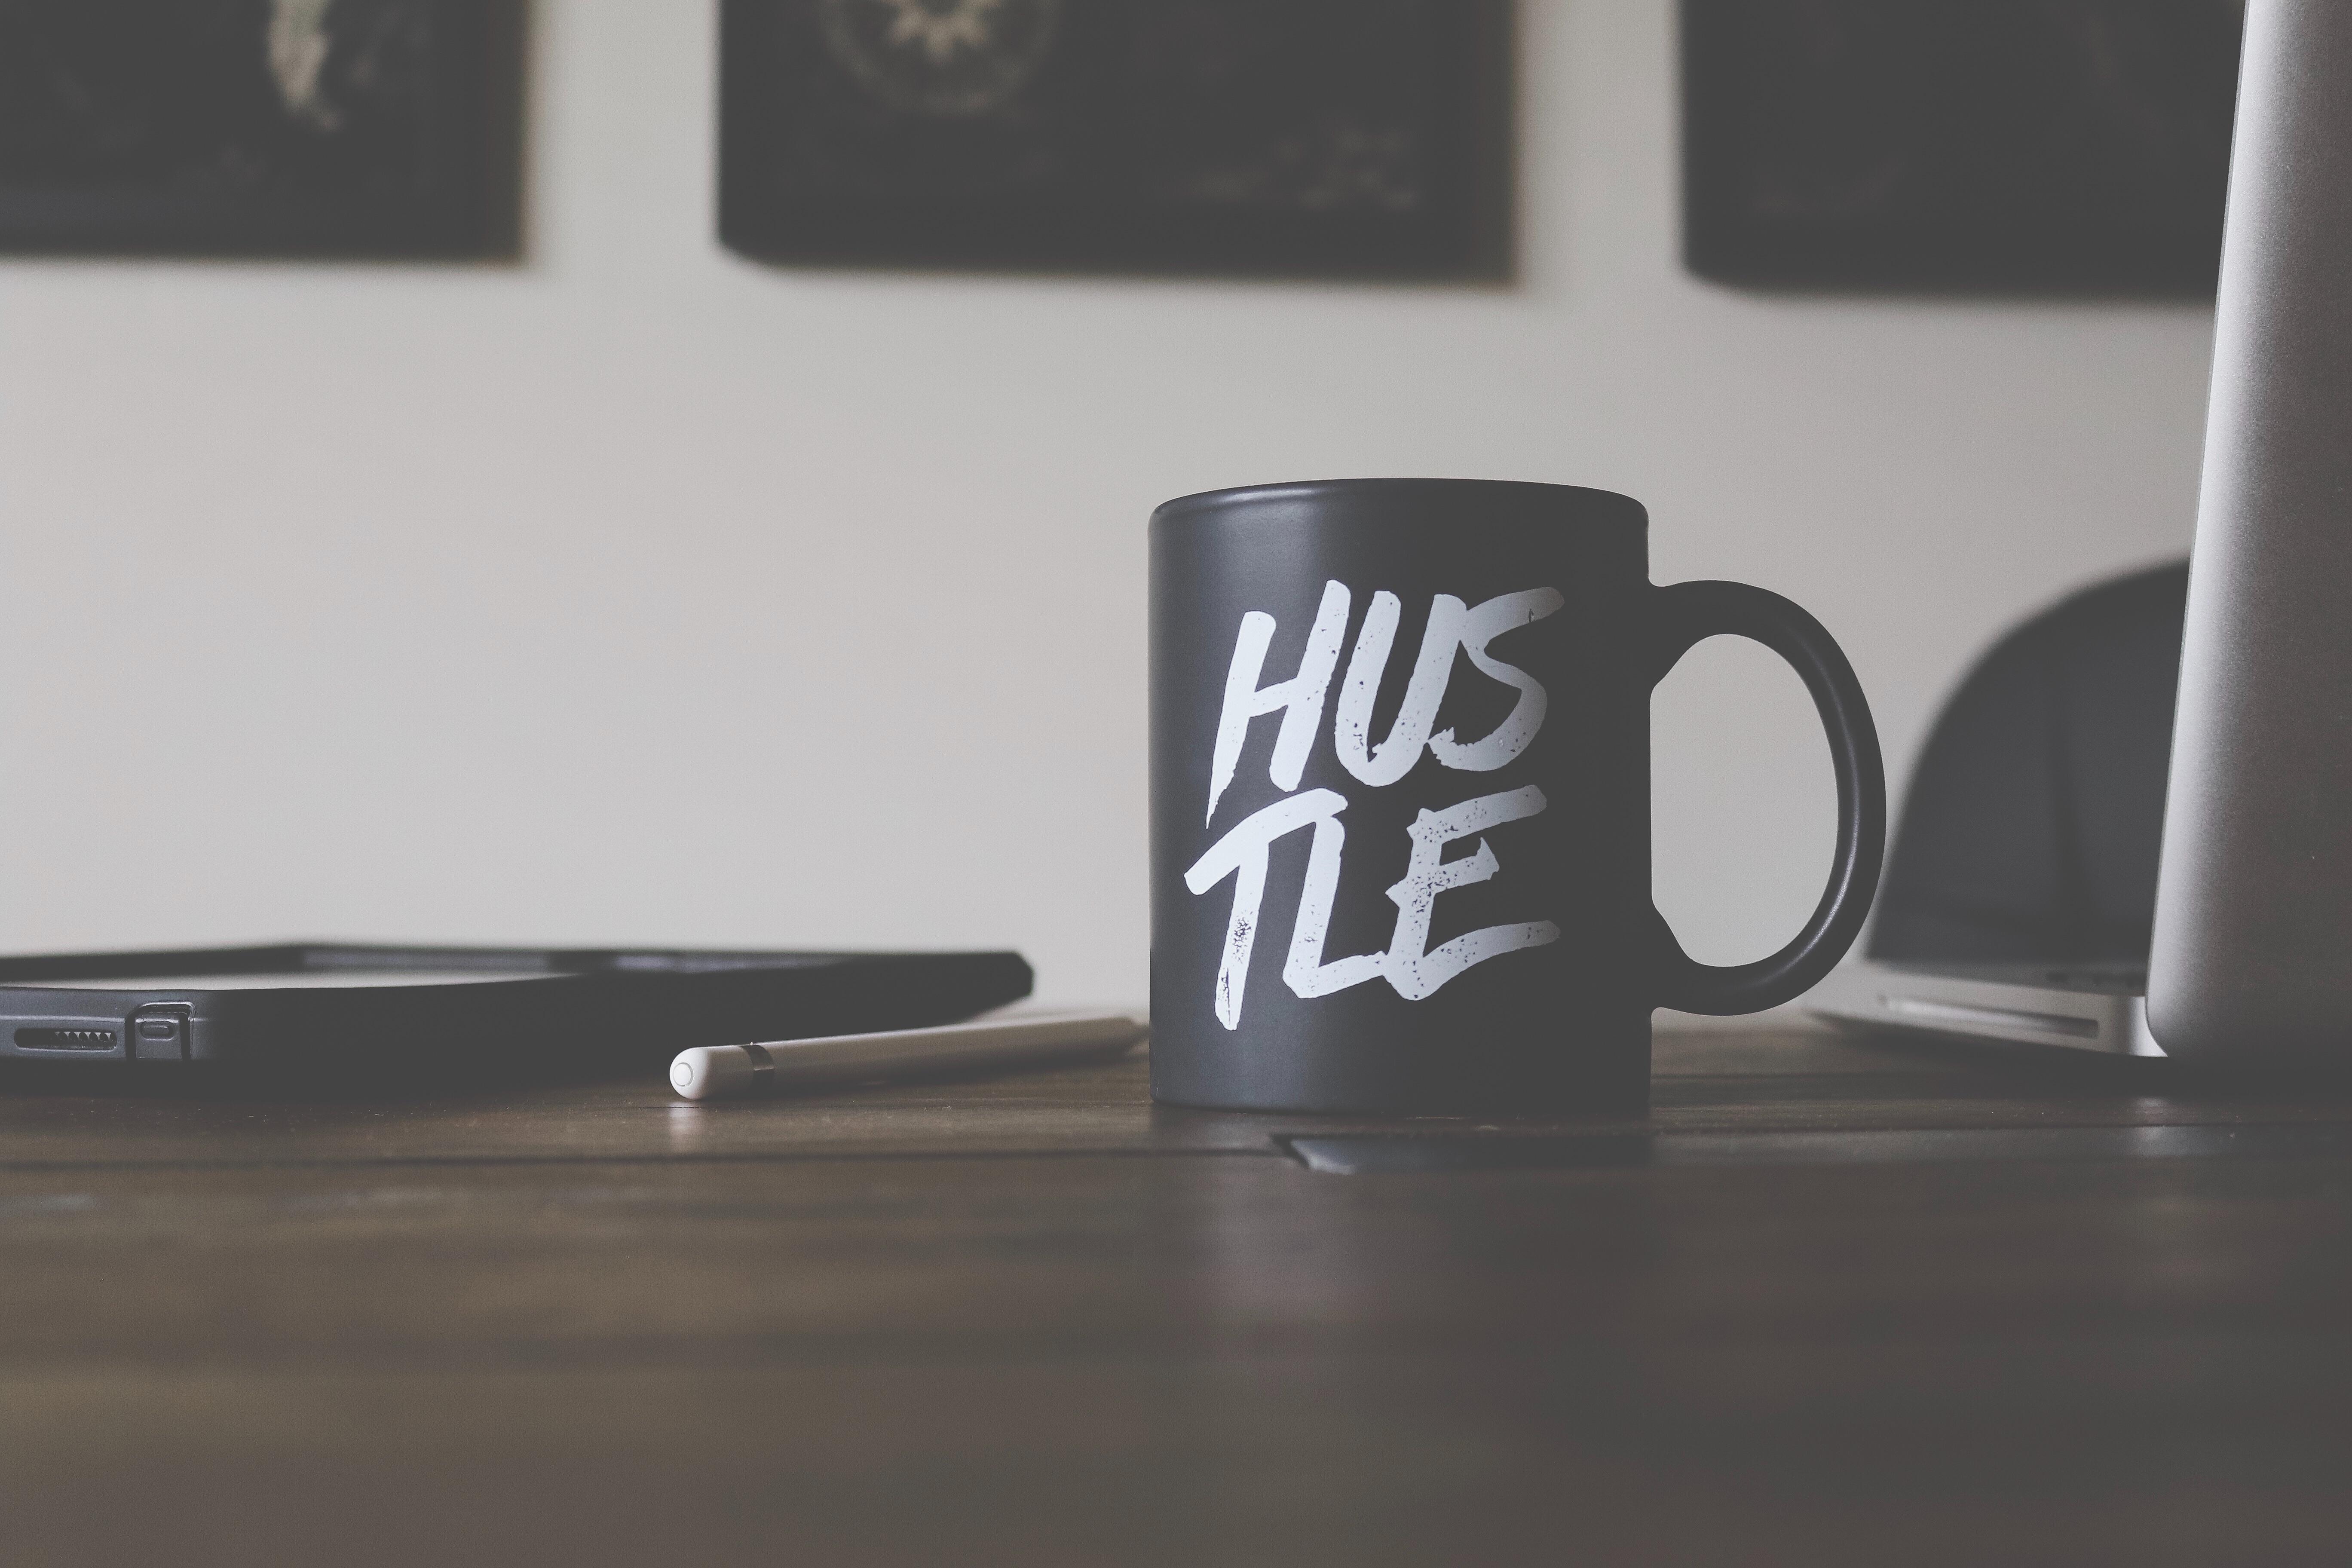 Hustling doesn't always solve the problem